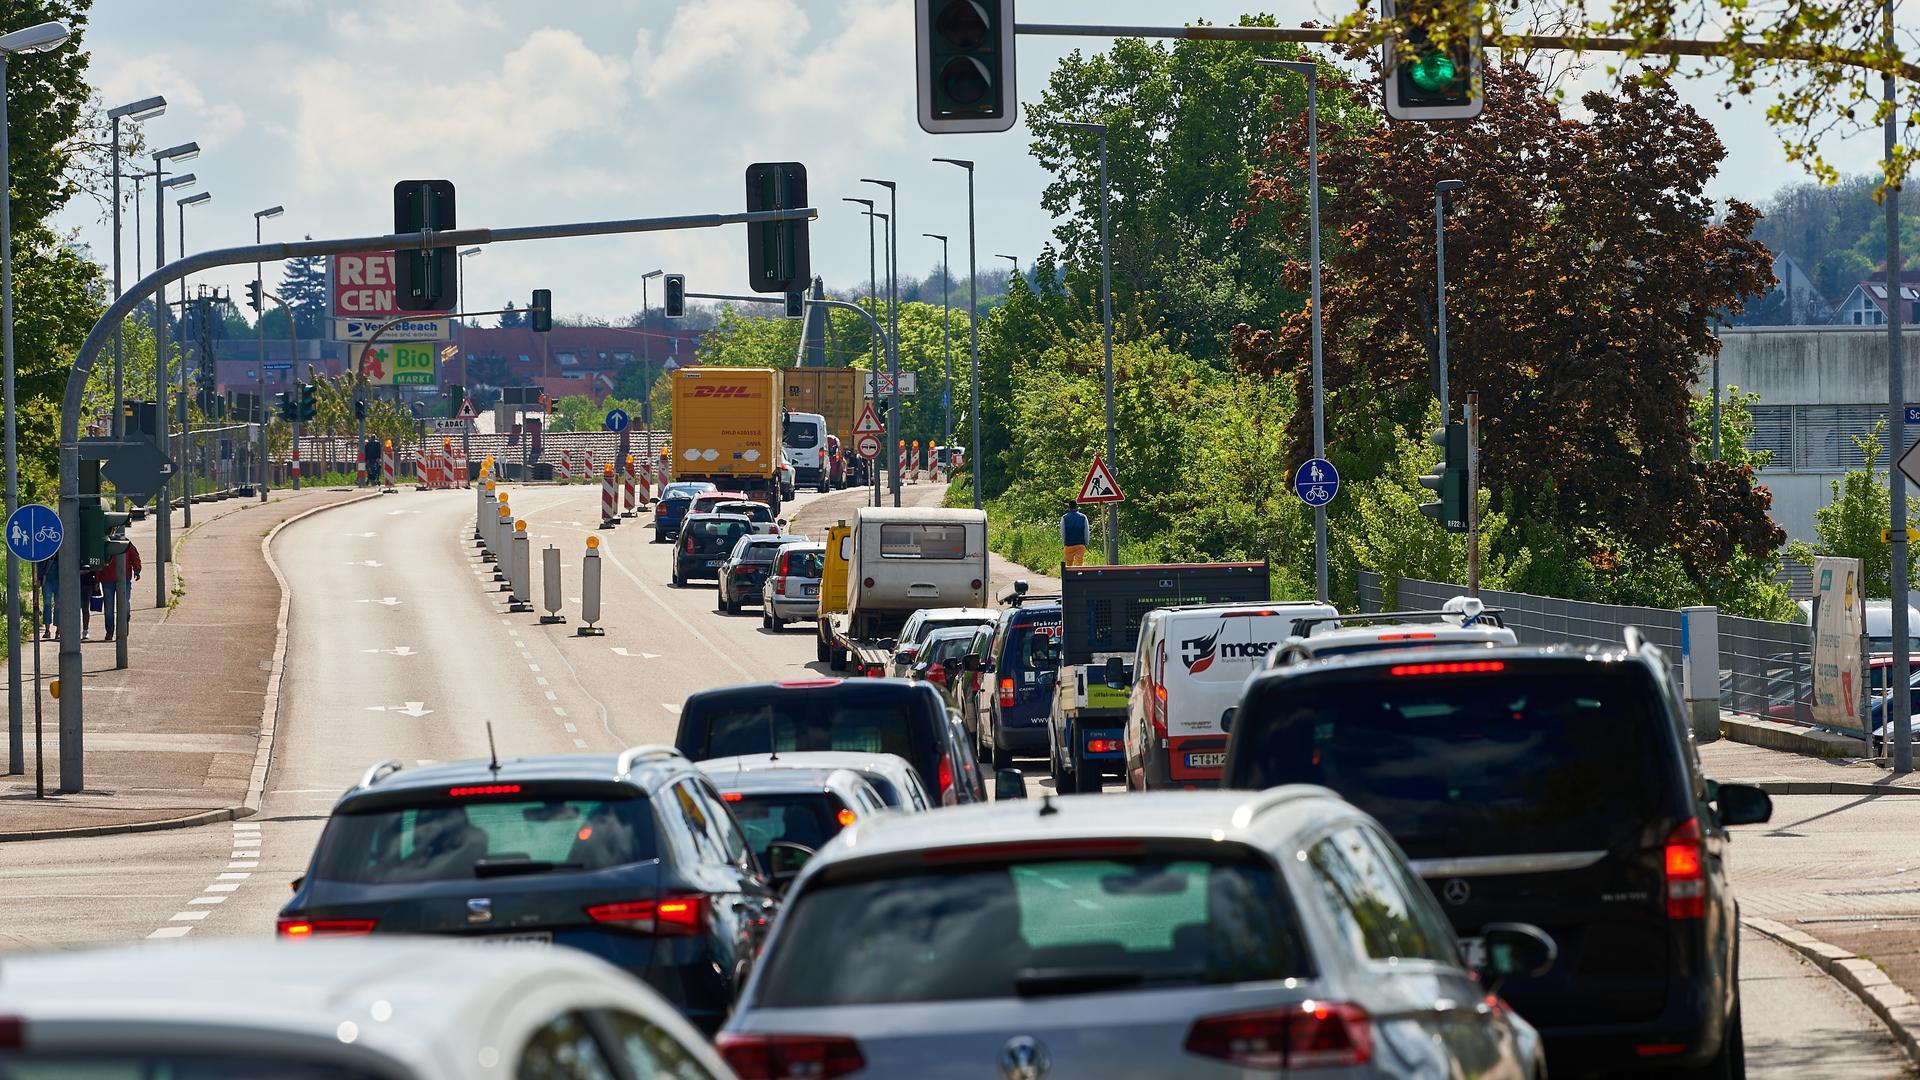 Baustelle Büchenauer Brücke Verkehrschaos